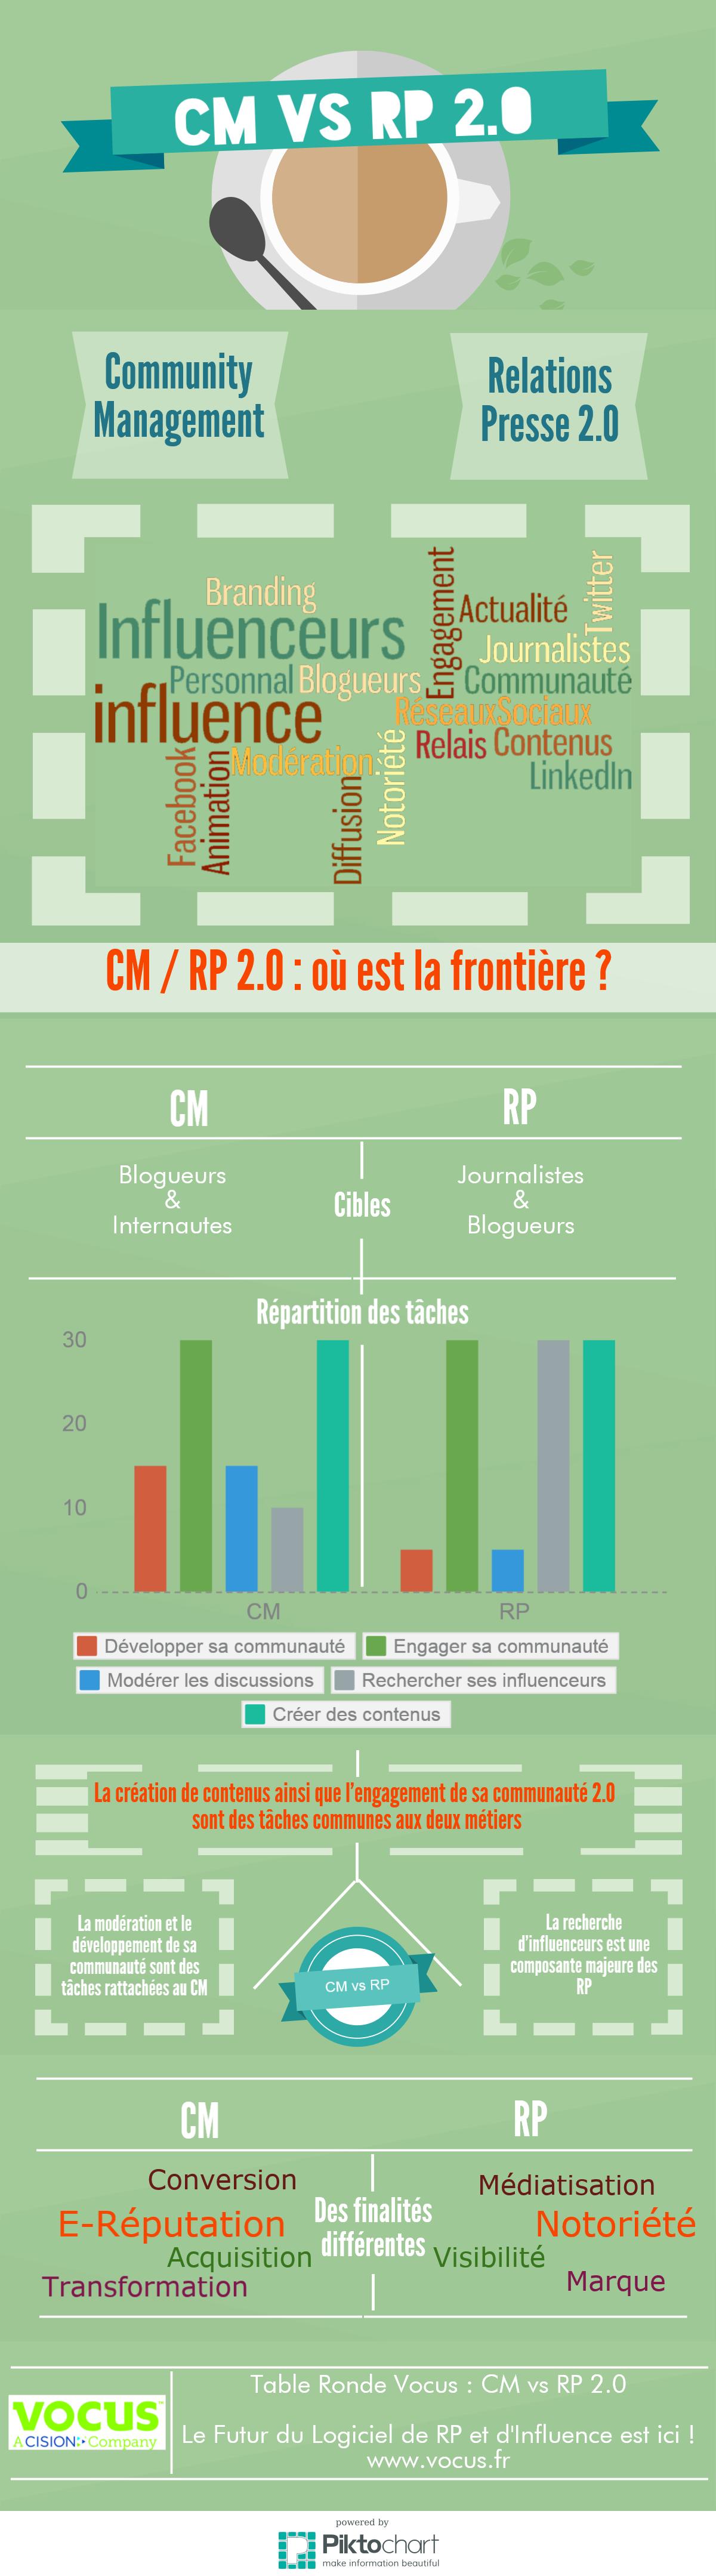 Comment Les Medias Sociaux Revolutionnent Les Relations Presse Guide Social Media Relations Presse Relations Publiques Relations